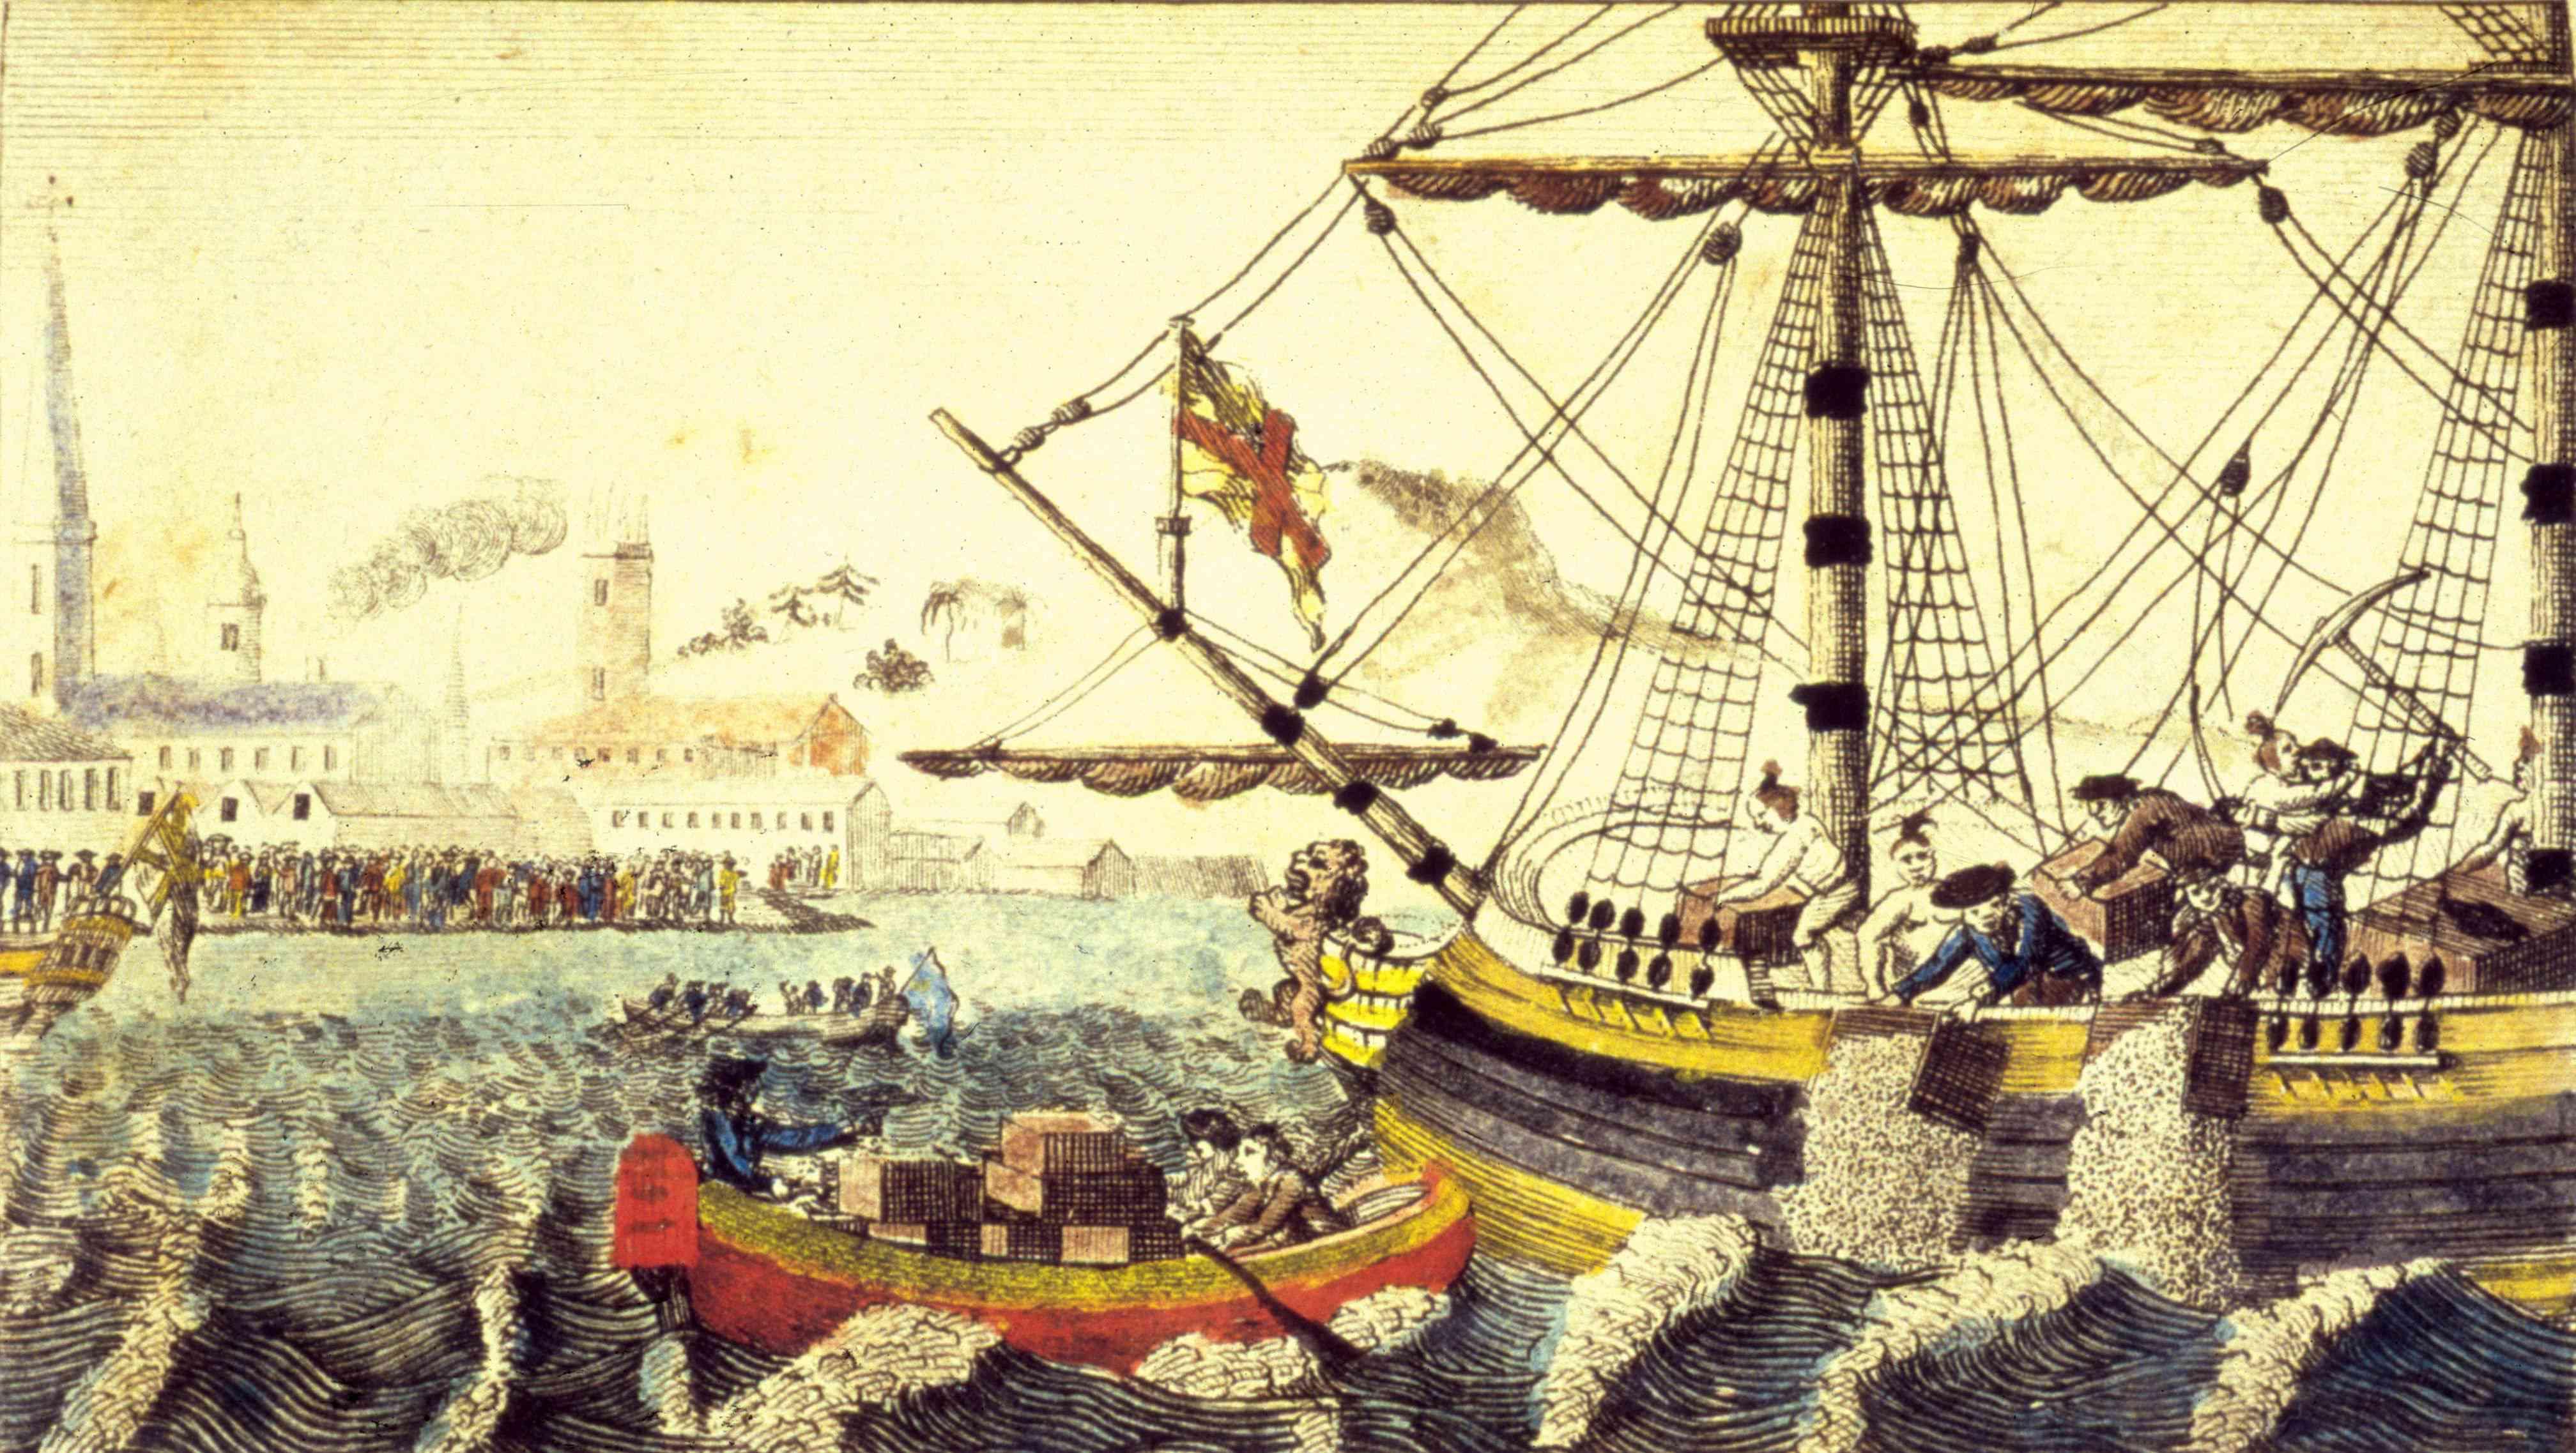 Artist's rendering of the Boston Tea Party, Boston, Massachusetts, December 16, 1773.